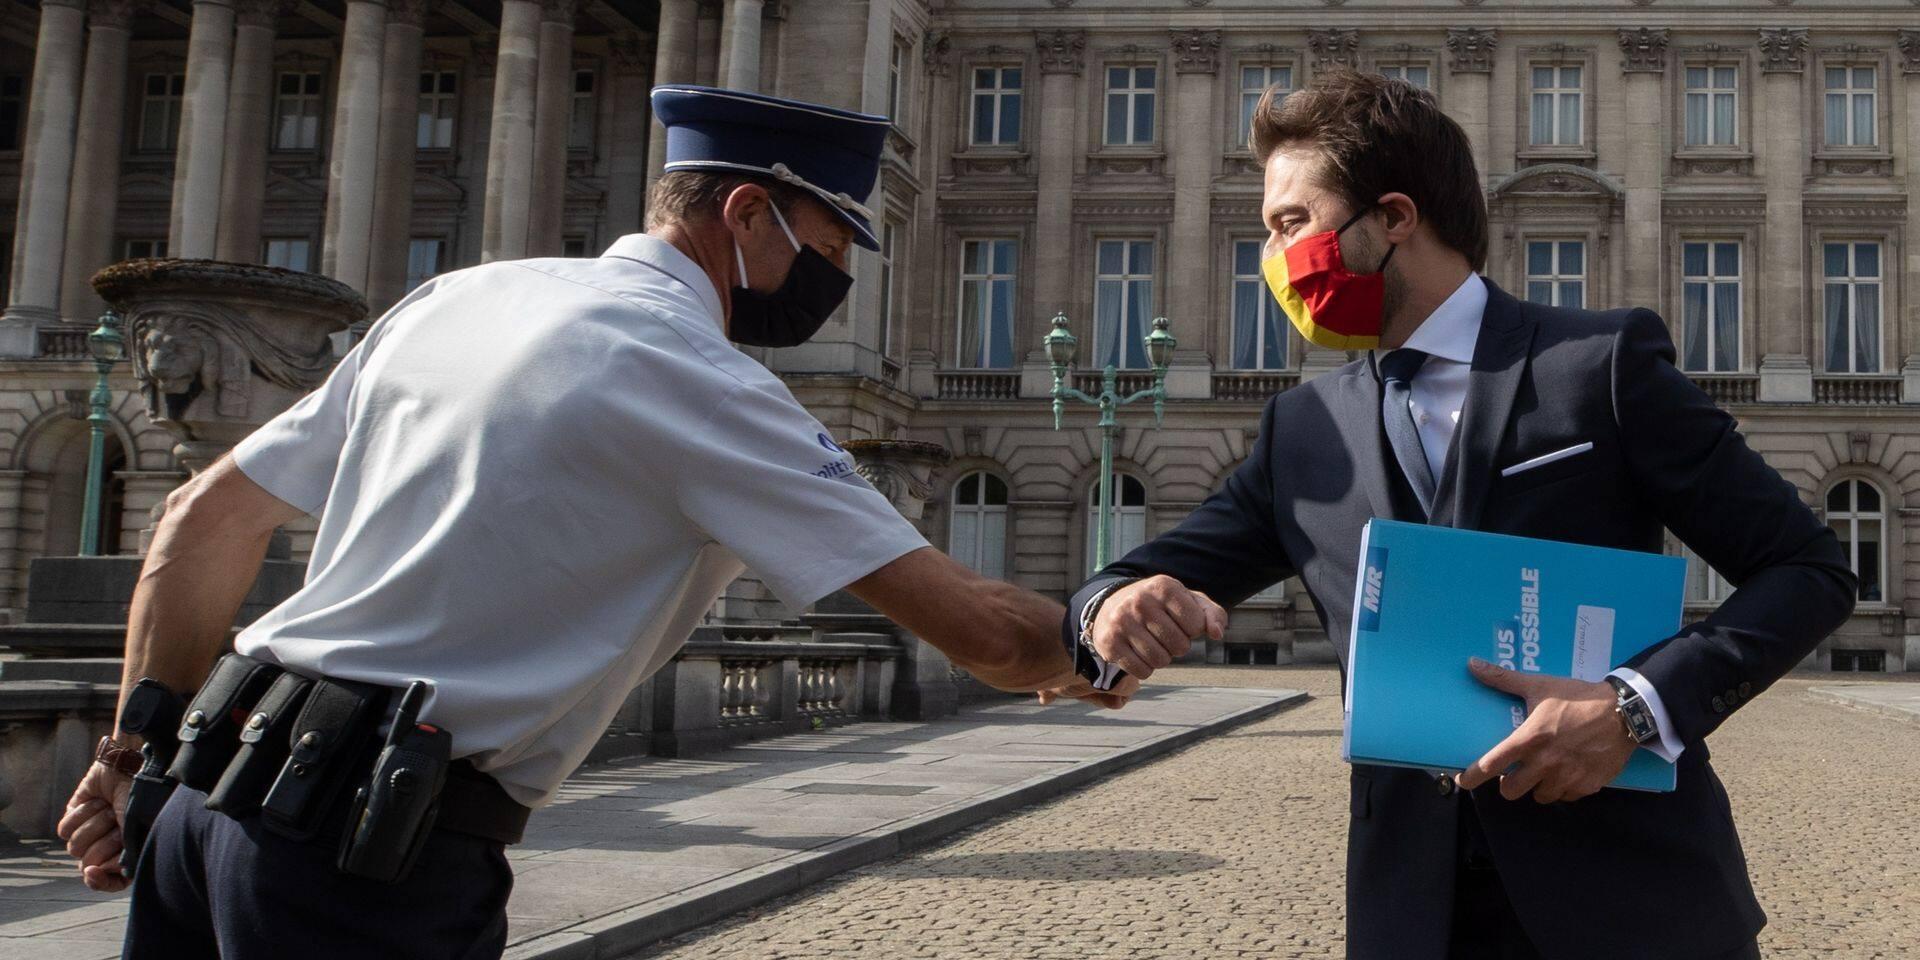 """Négociations fédérales: """"Restons professionnels, les questions de personnes ne doivent pas prendre le pas sur le fond"""", réagit Bouchez"""